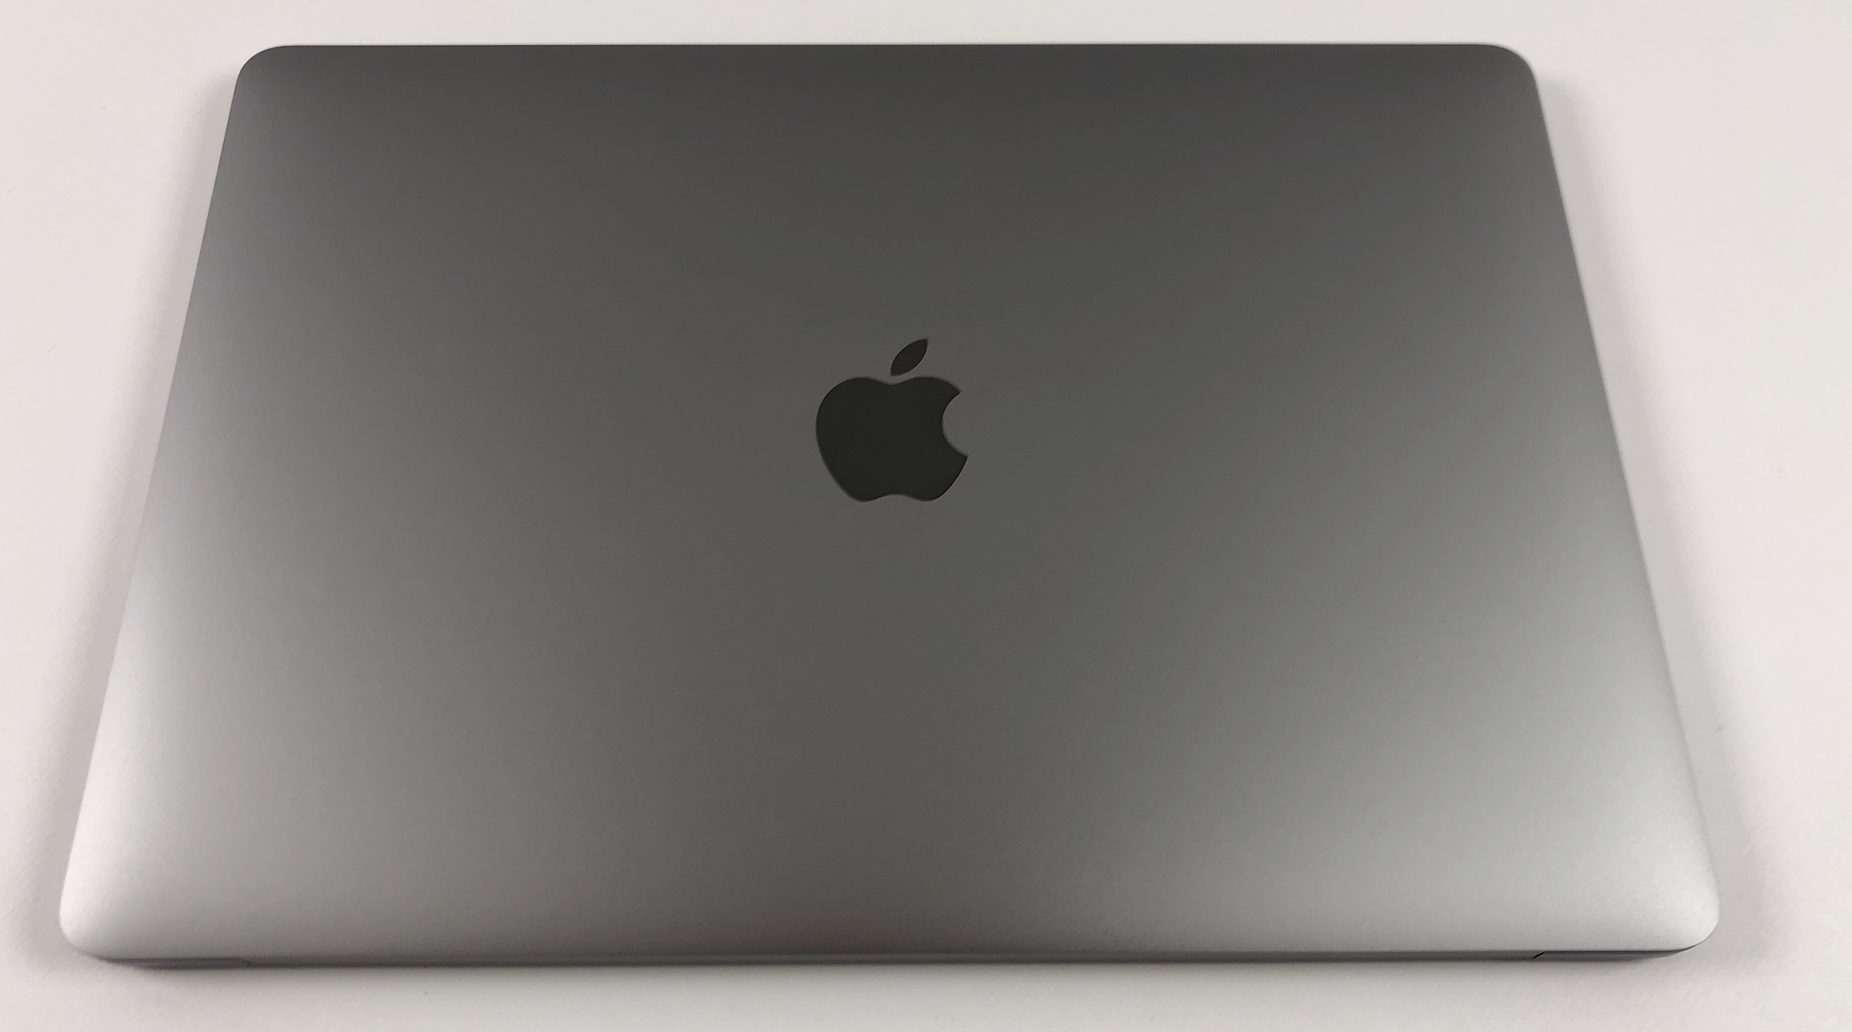 """MacBook Pro 13"""" 4TBT Mid 2017 (Intel Core i7 3.5 GHz 16 GB RAM 512 GB SSD), Space Gray, Intel Core i7 3.5 GHz, 16 GB RAM, 512 GB SSD, image 3"""